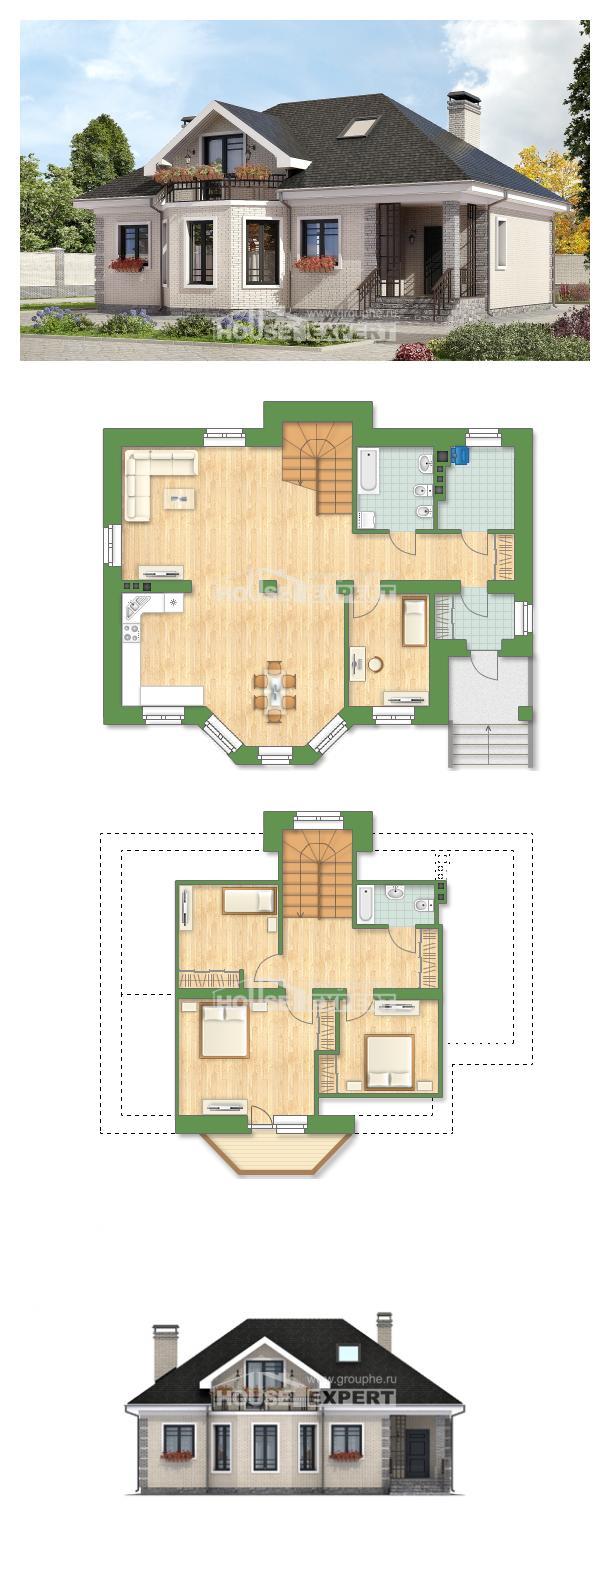 Plan 150-013-R | House Expert